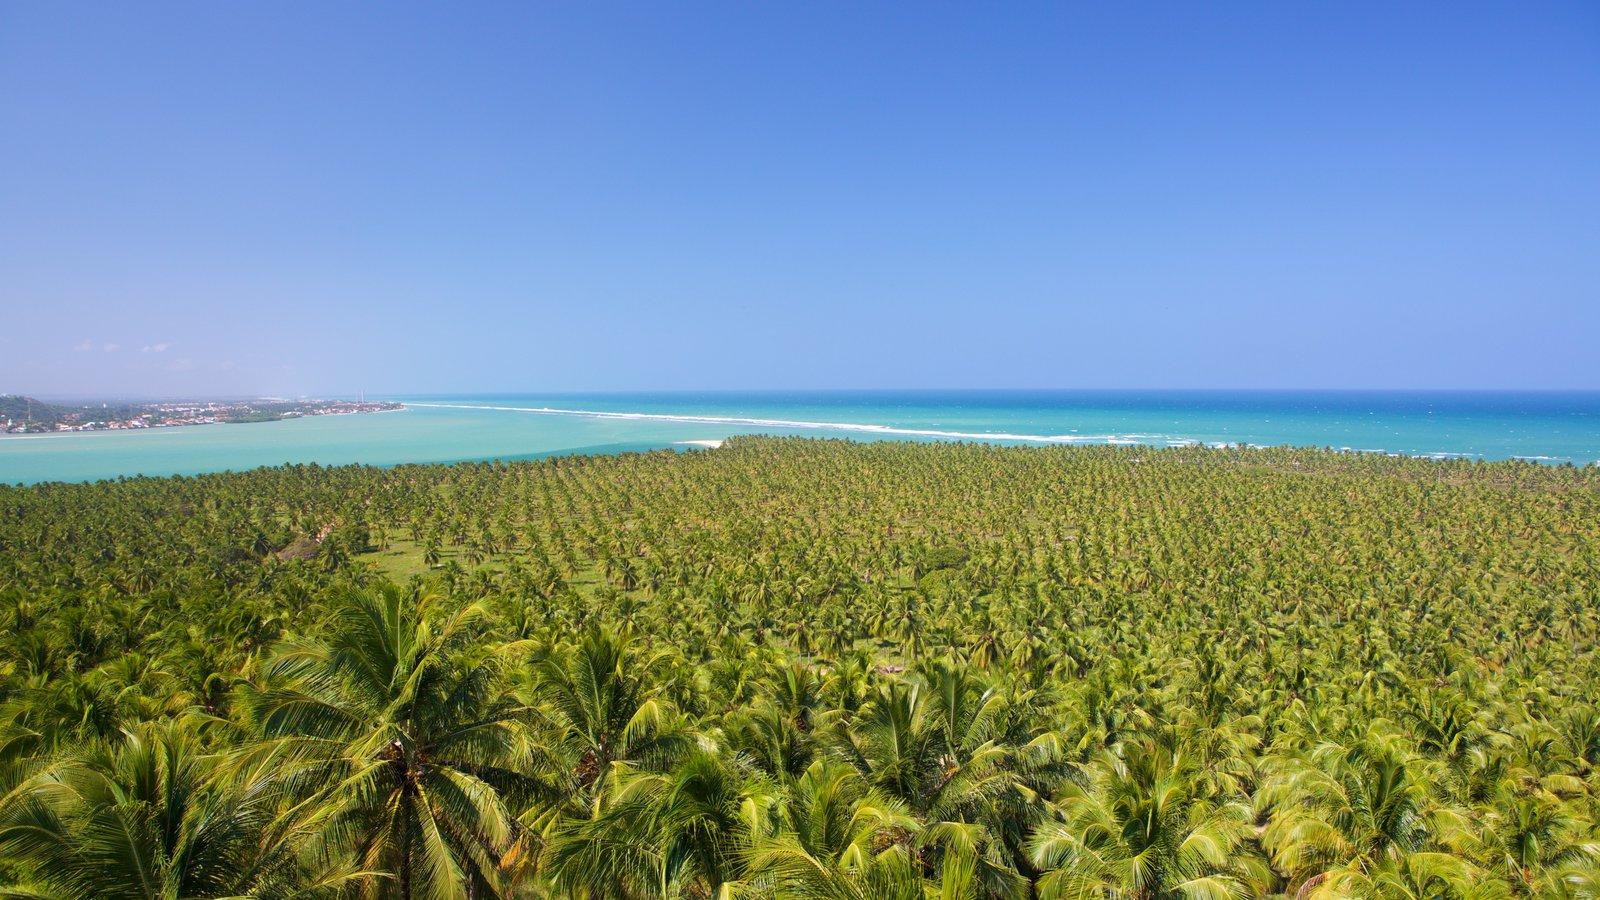 Maceió caracterizando cenas tropicais e paisagens litorâneas